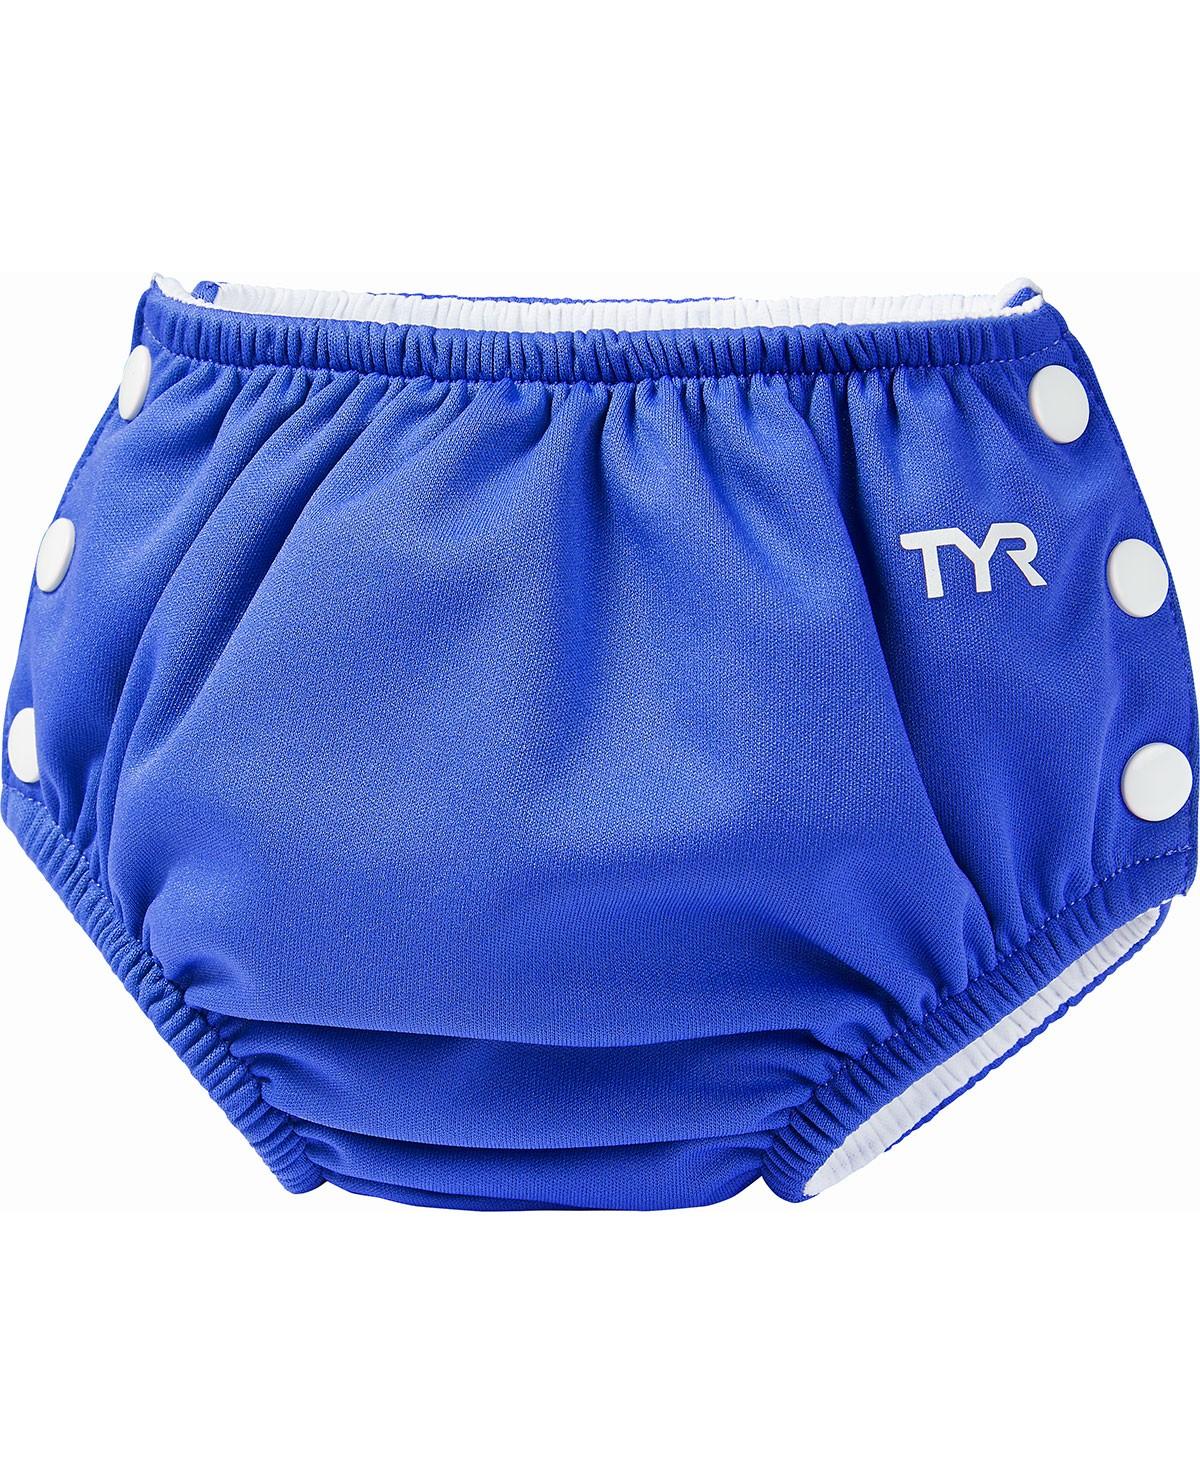 26a359a8f0c TYR Kids' Start to Swim Adjustable Swim Diaper | TYR